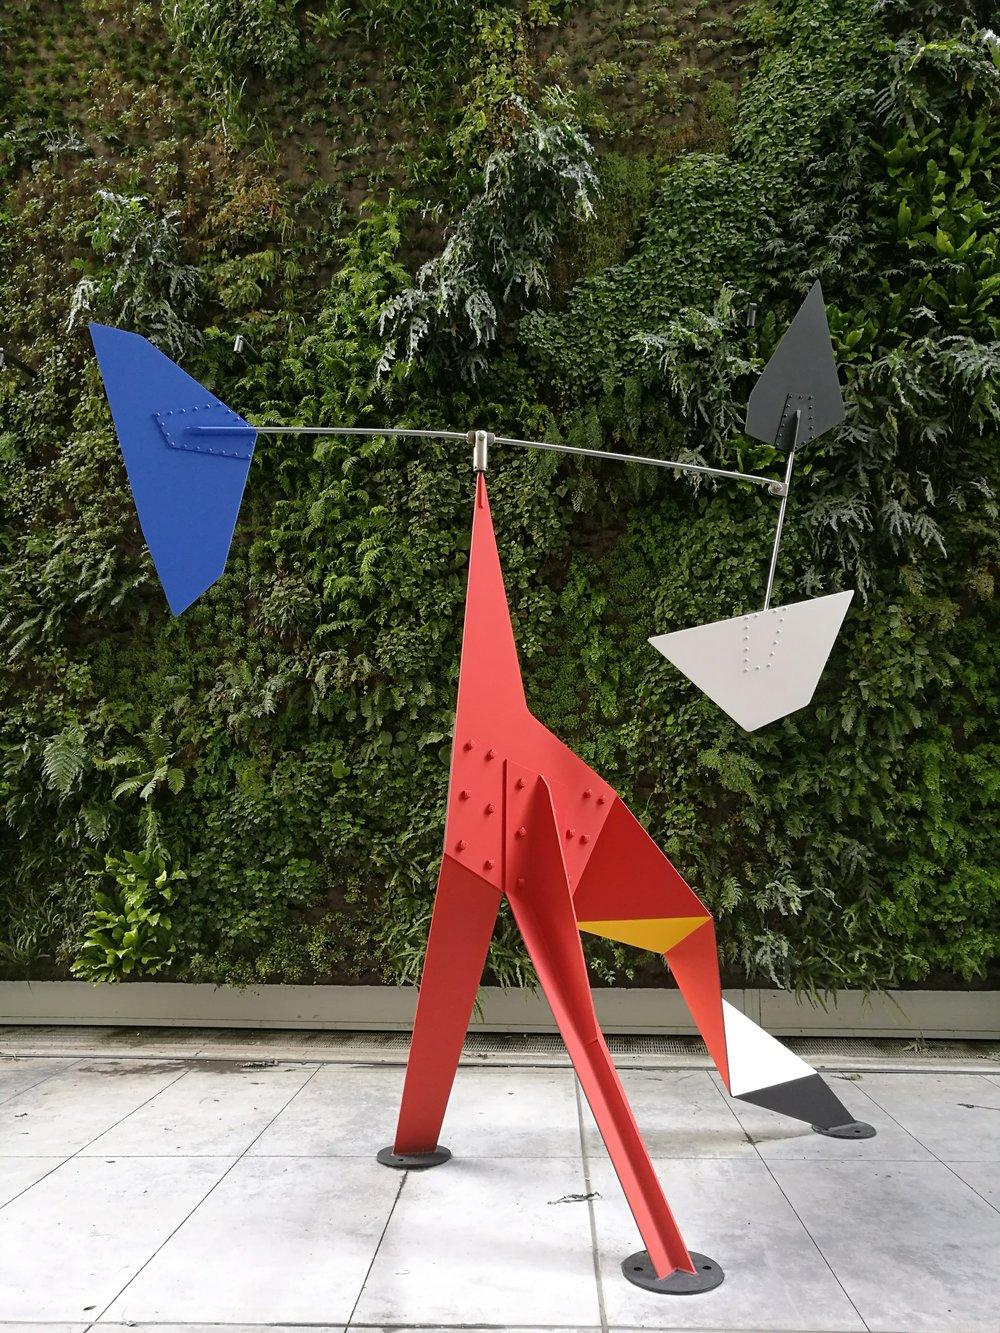 Calder exhibit